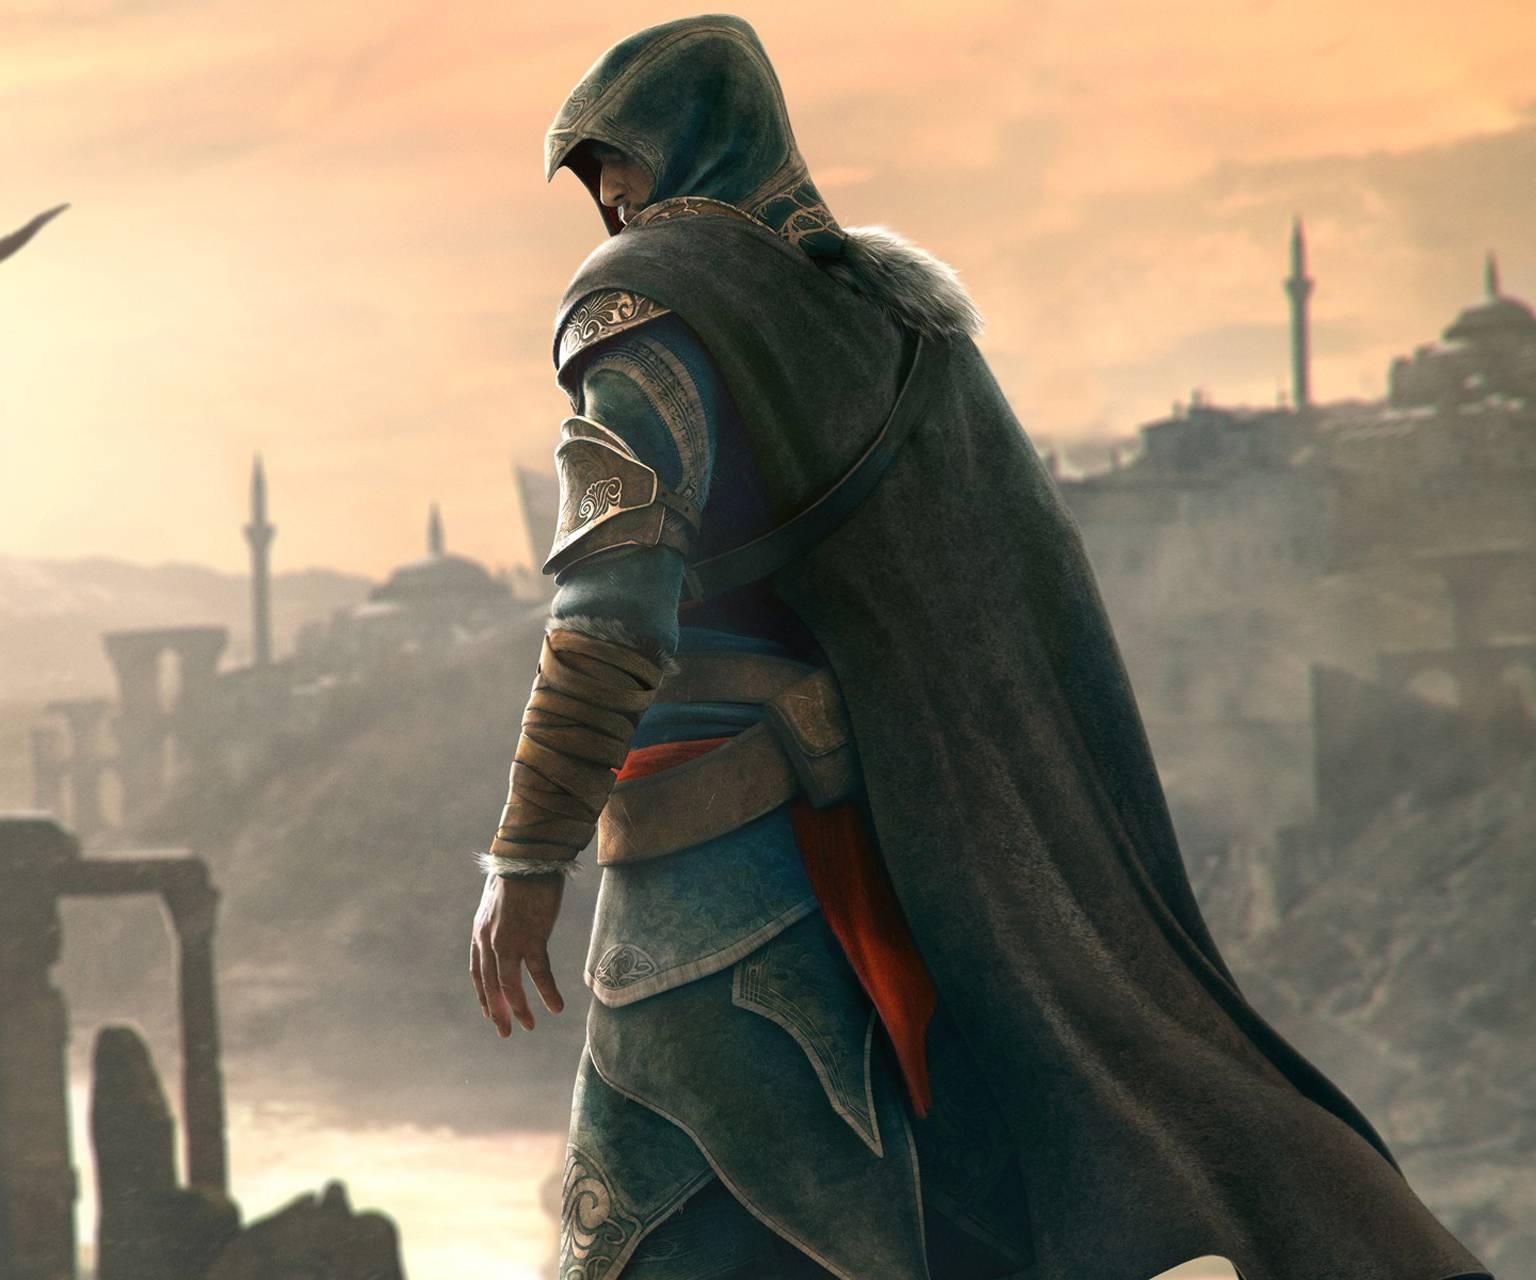 Ezio Reveletions